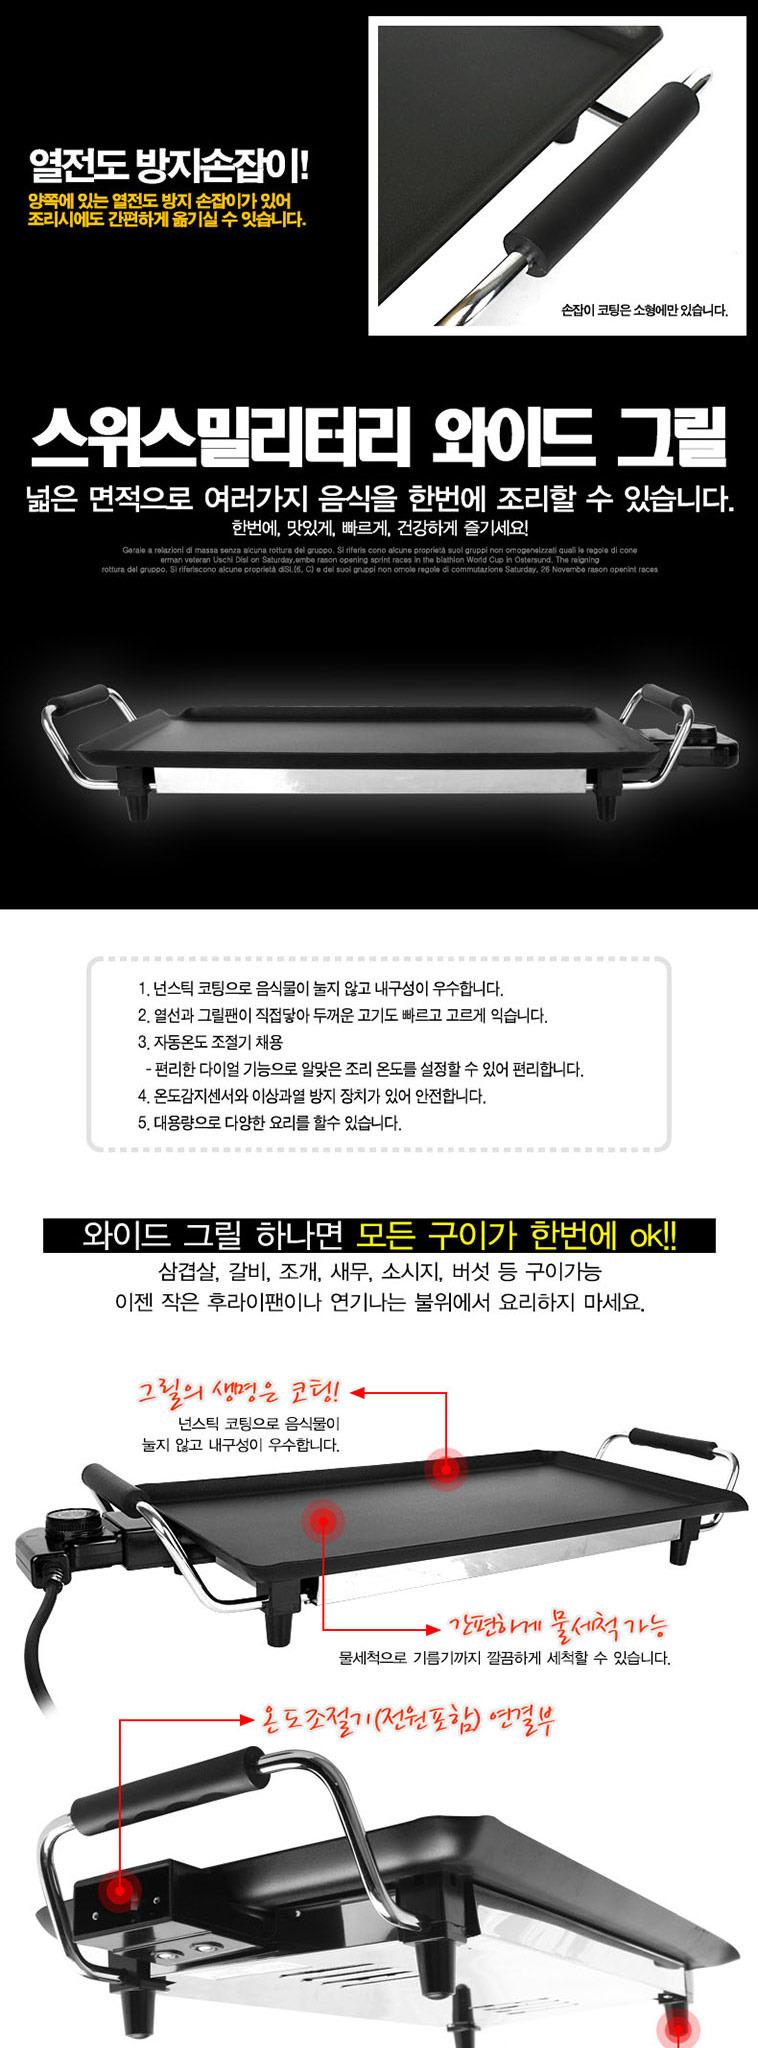 [명예의전당] 44cm 와이드 전기그릴 - 상세정보